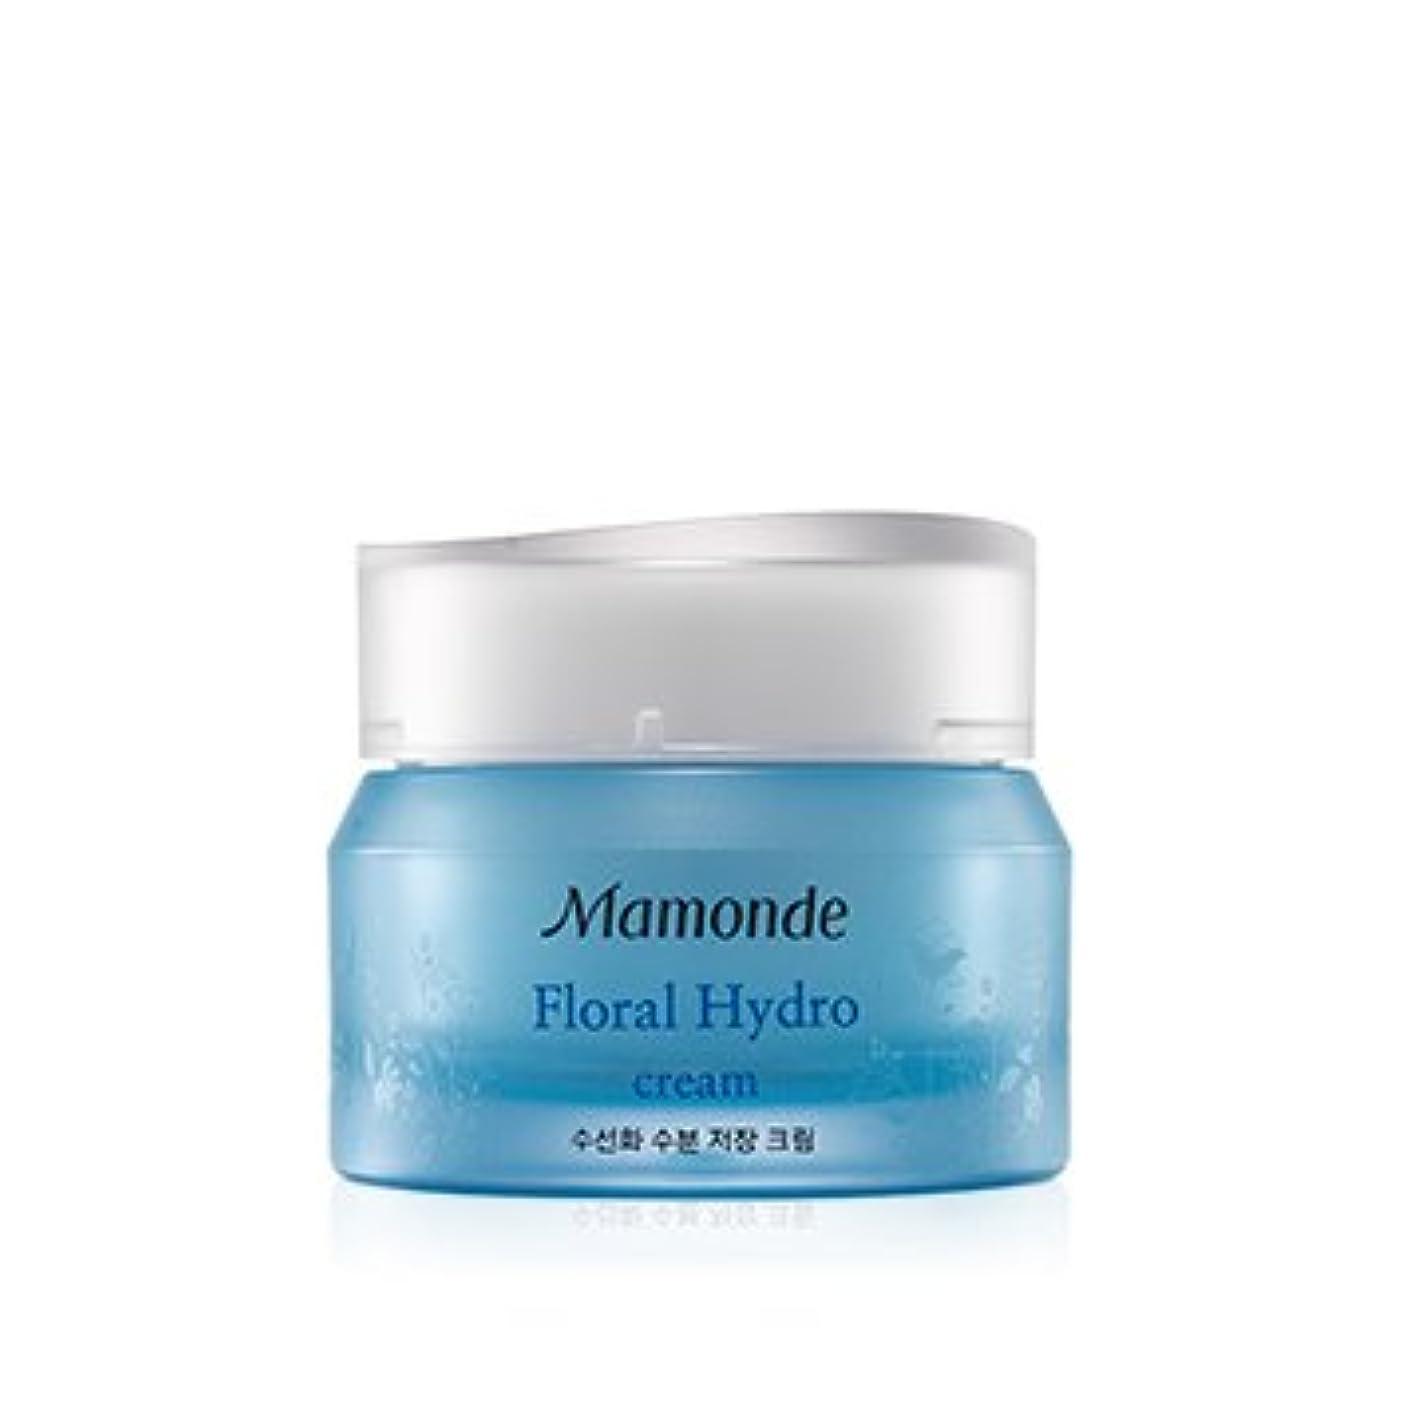 枢機卿スイ大宇宙[2017 New] Mamonde Floral Hydro Cream 50ml/マモンド フローラル ハイドロ クリーム 50ml [並行輸入品]